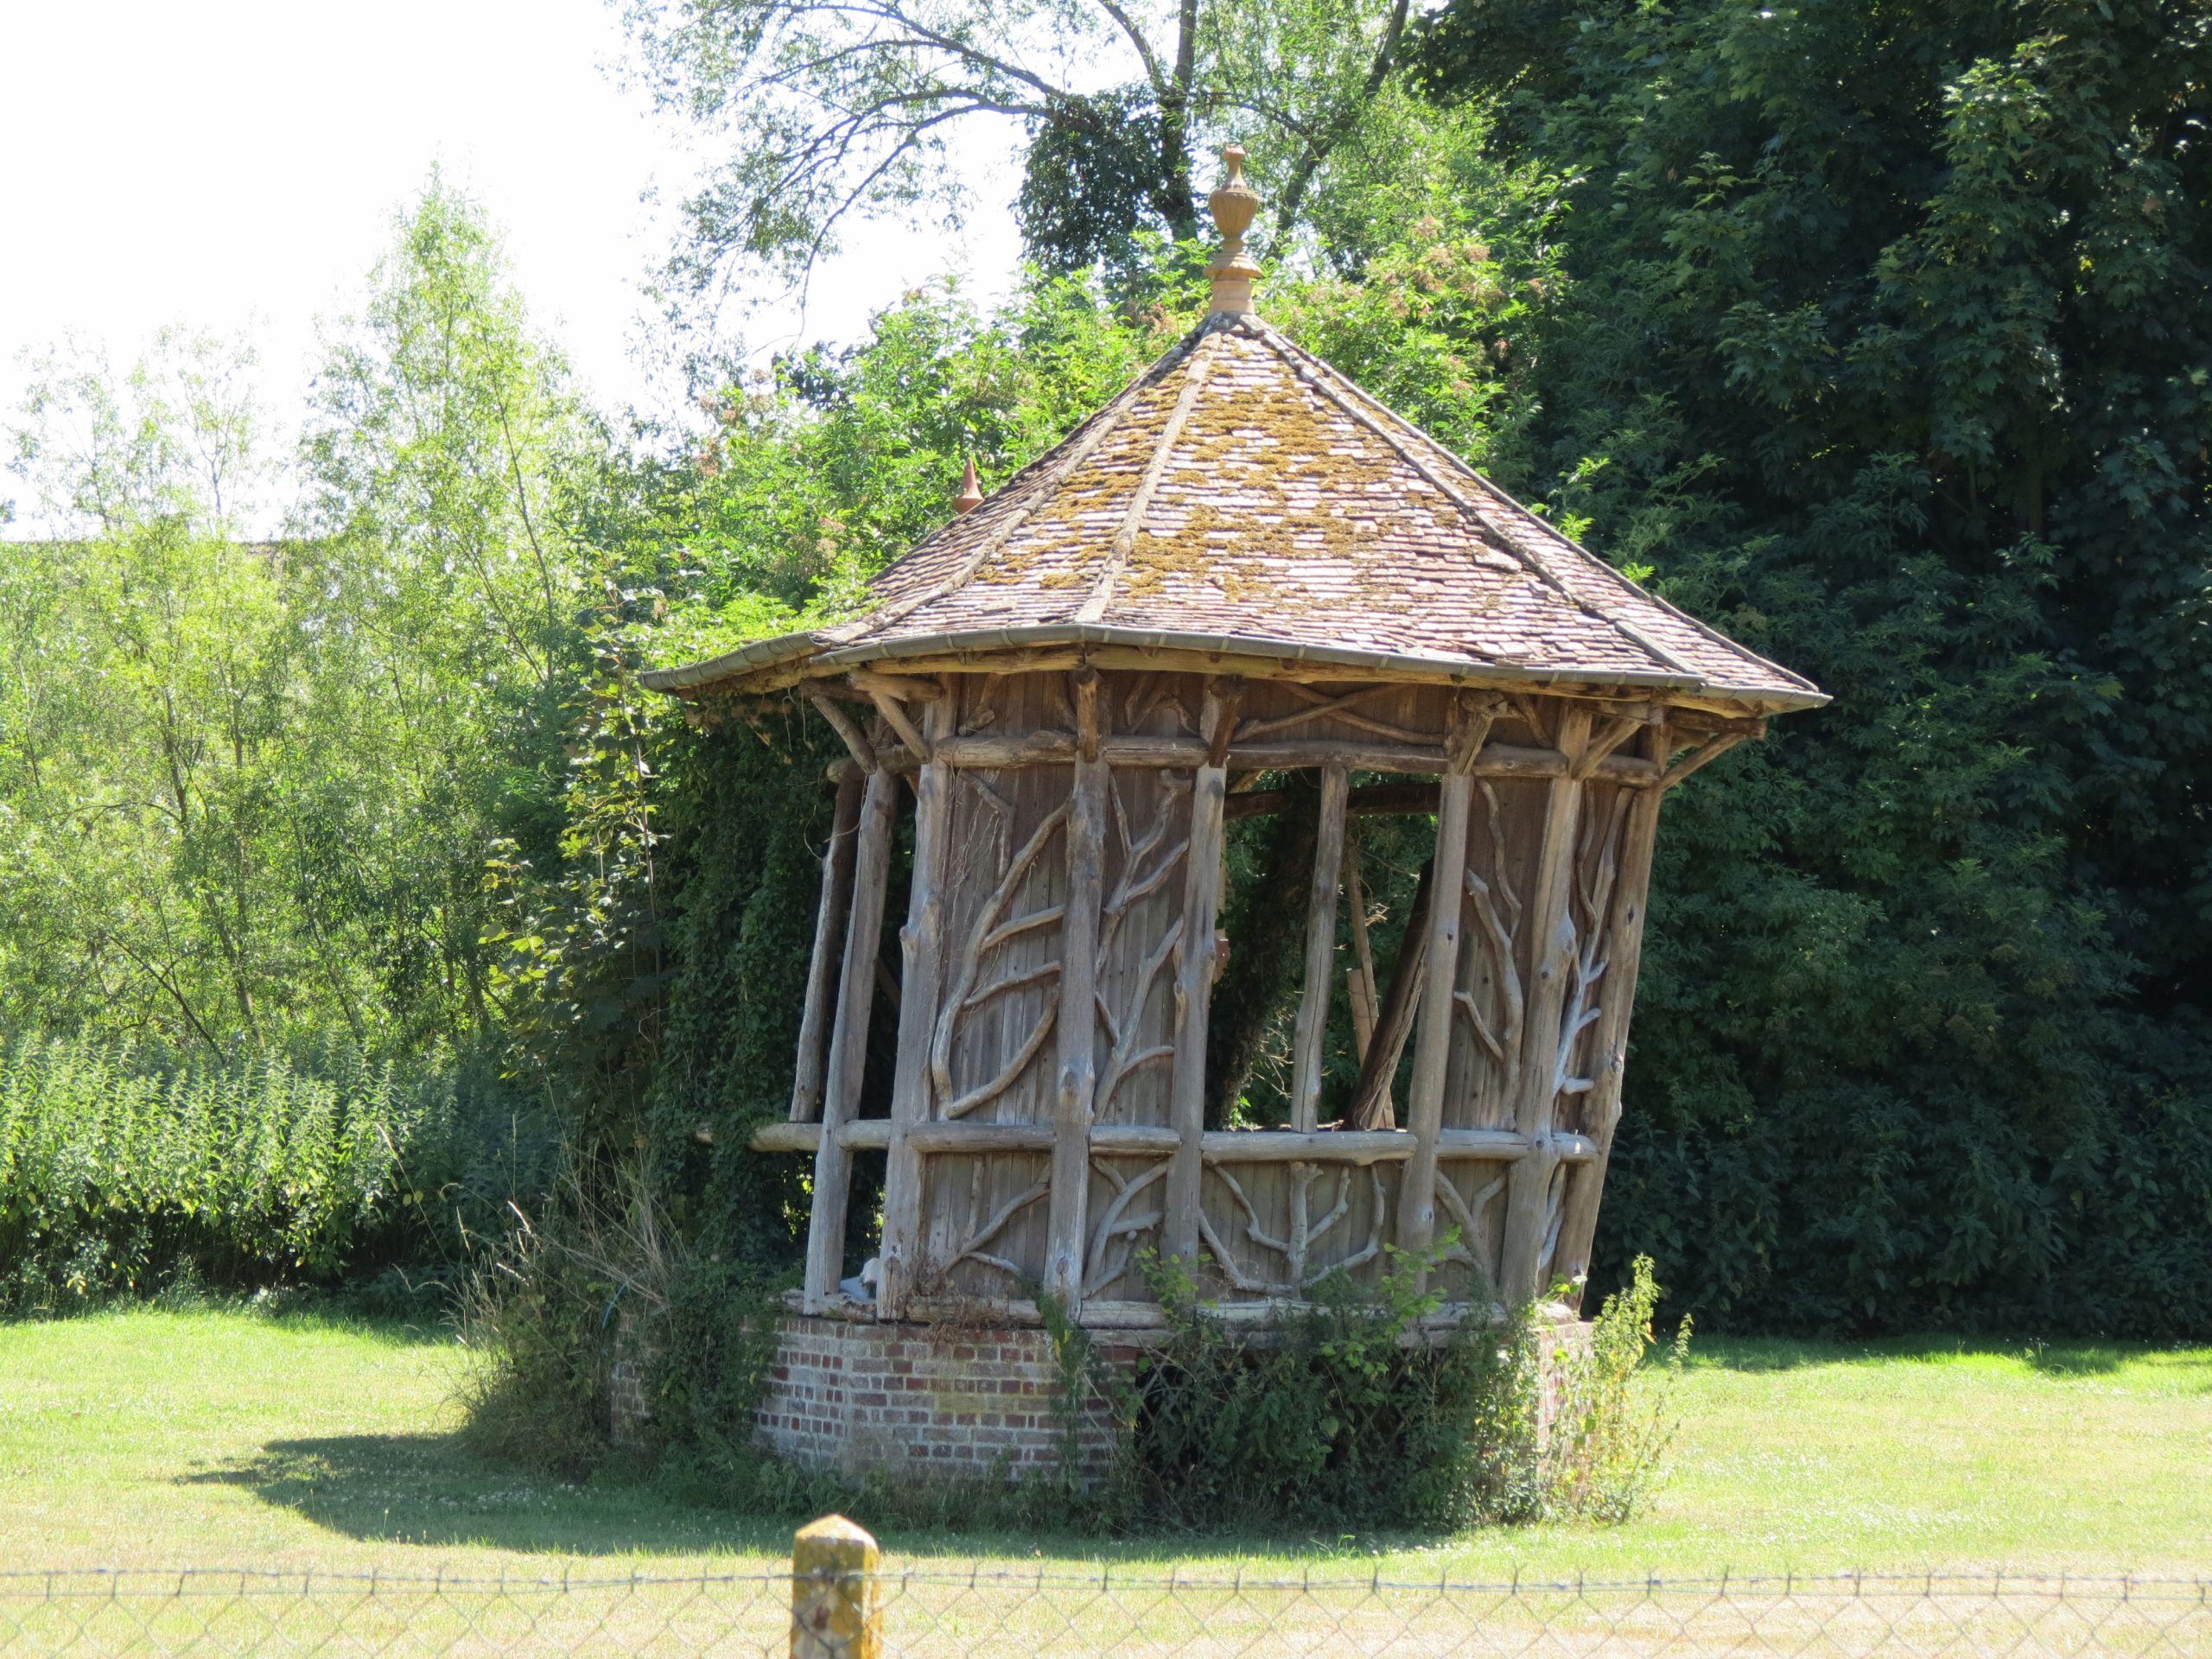 Salon Jardin Élégant File Freneuse Salon De Jardin Wikimedia Mons